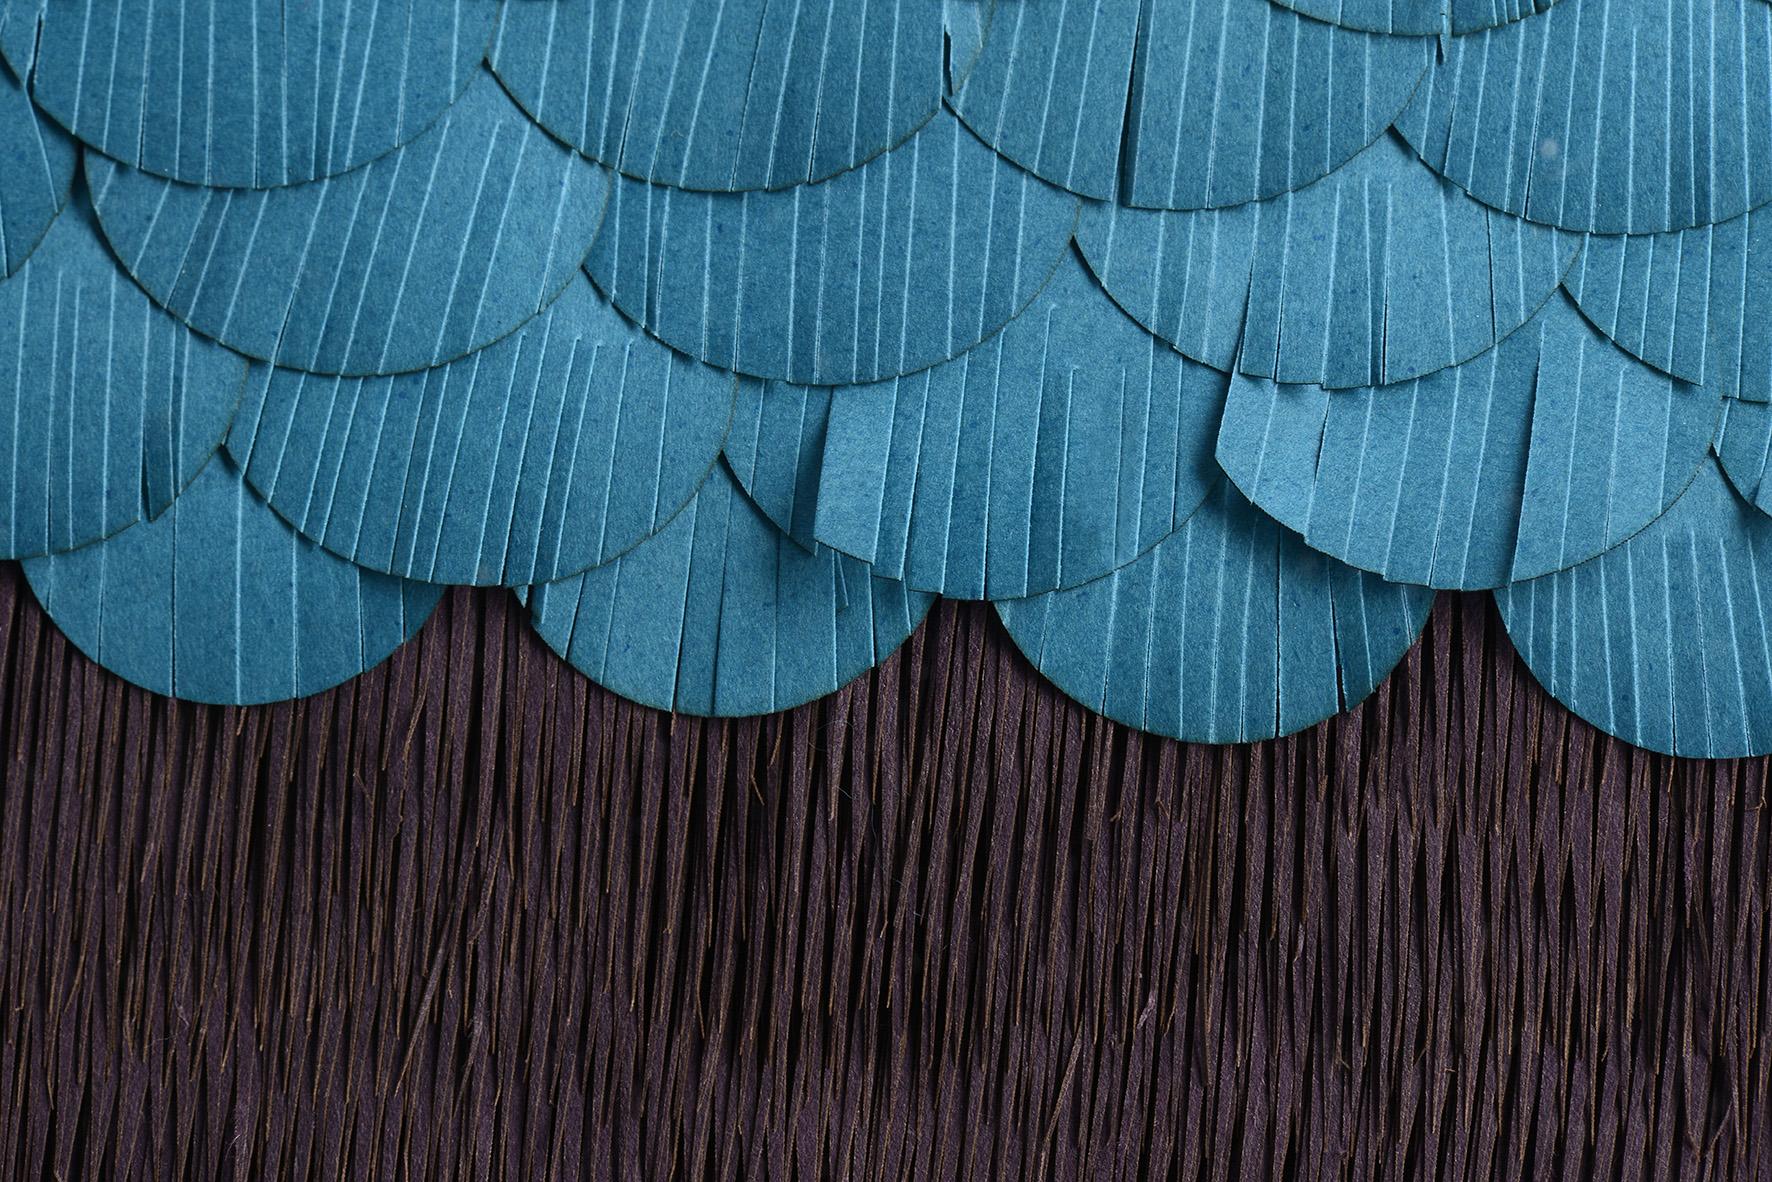 Tamara-Lise-Delicate-Paper-Works-Le-Plume-Elisabeth-Strictlypaper-Detail4